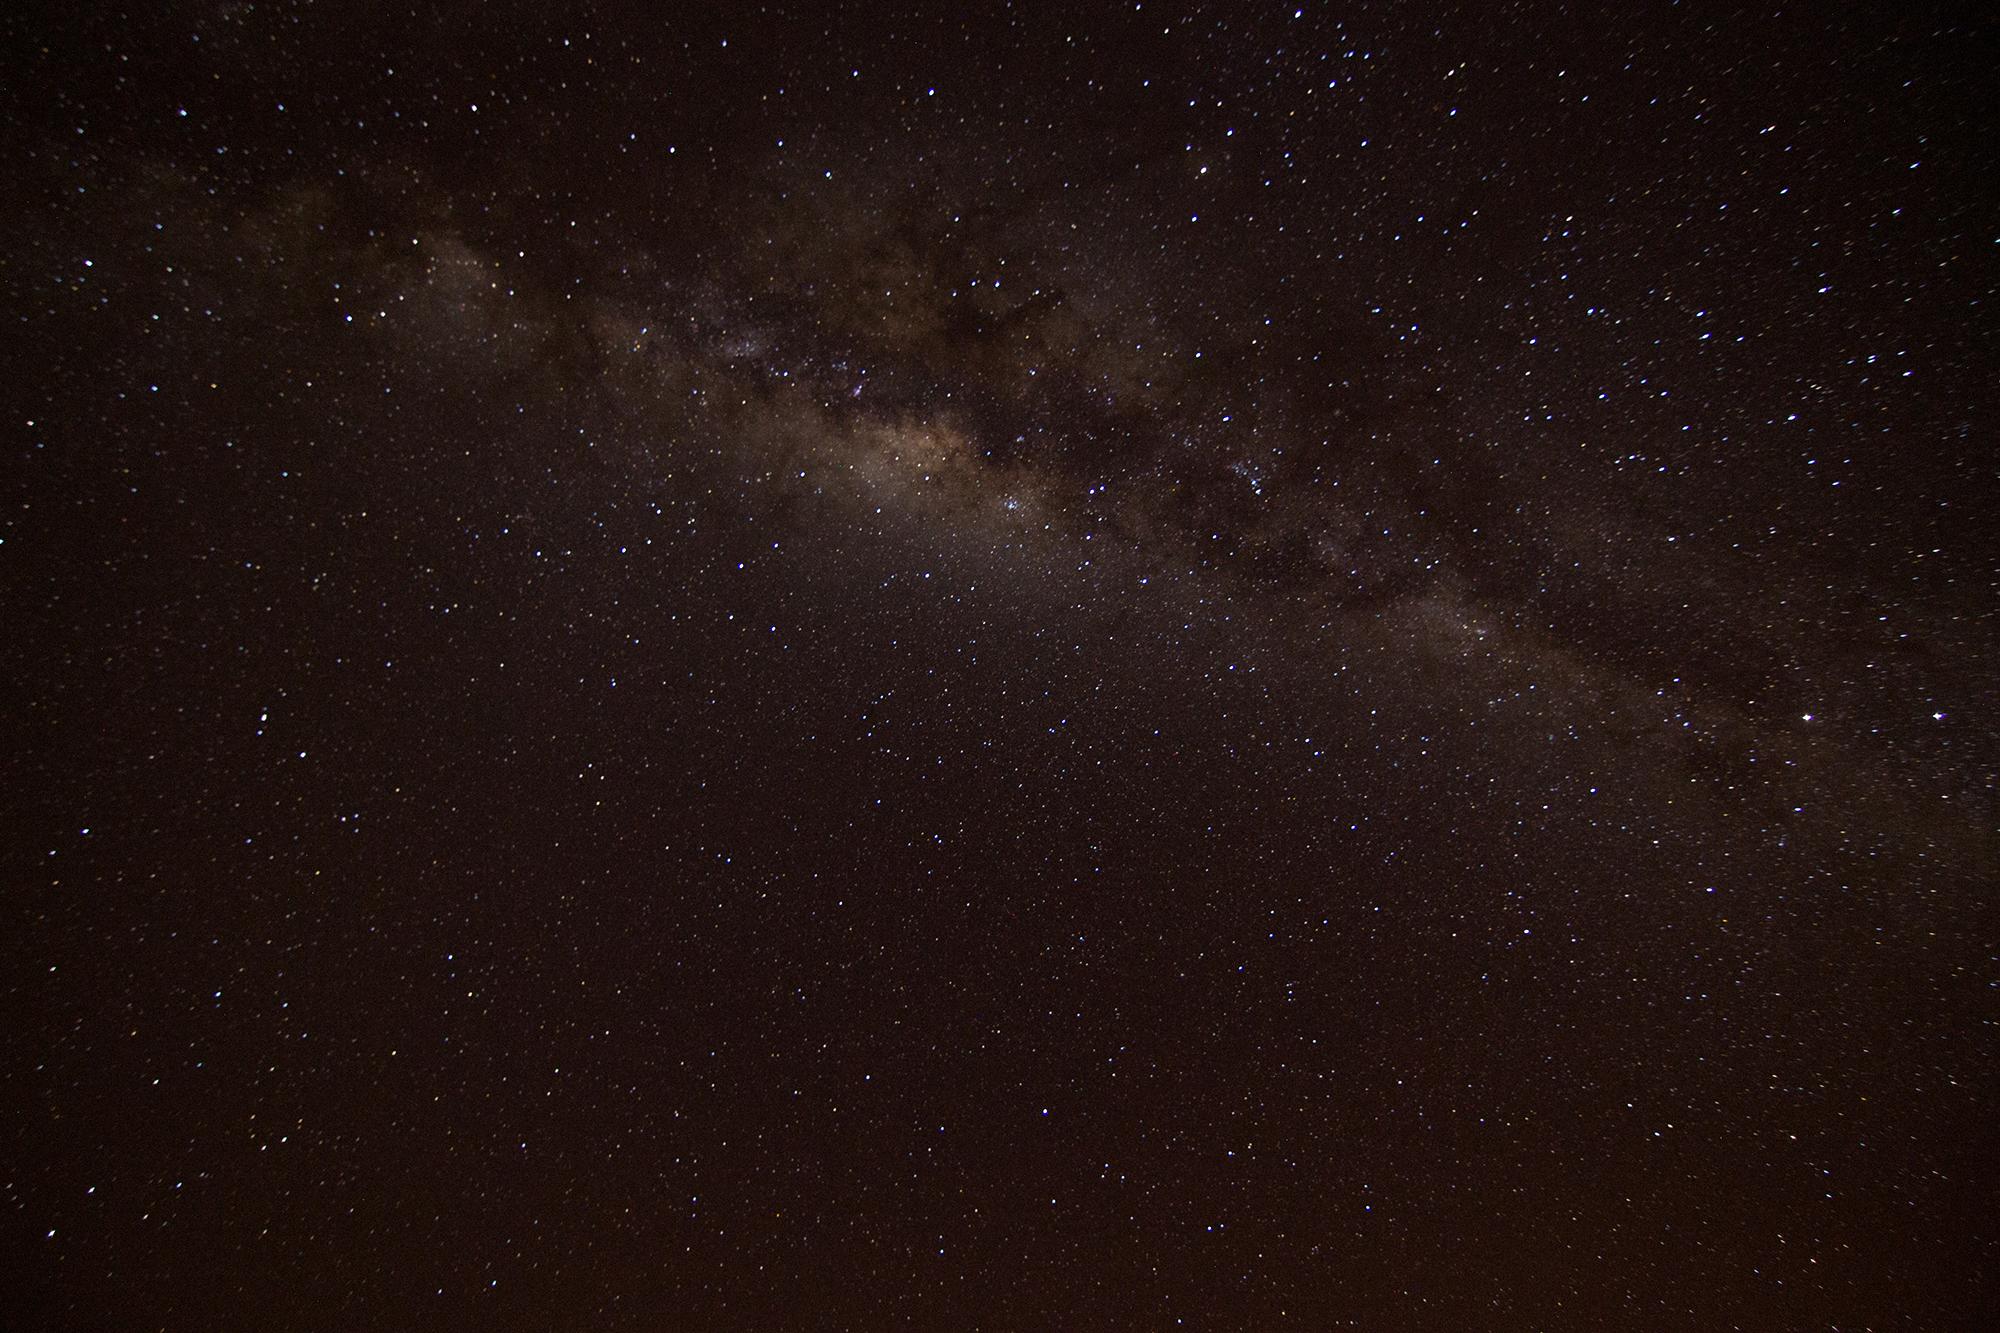 Esse céu maravilhoso é uma das paisagens mais lindas que podemos ver em Alto Paraíso de Goiás, sério, é assim mesmo que você vê o céu, com vários pontos estrelados e a via láctea a olho nu. é incrível.